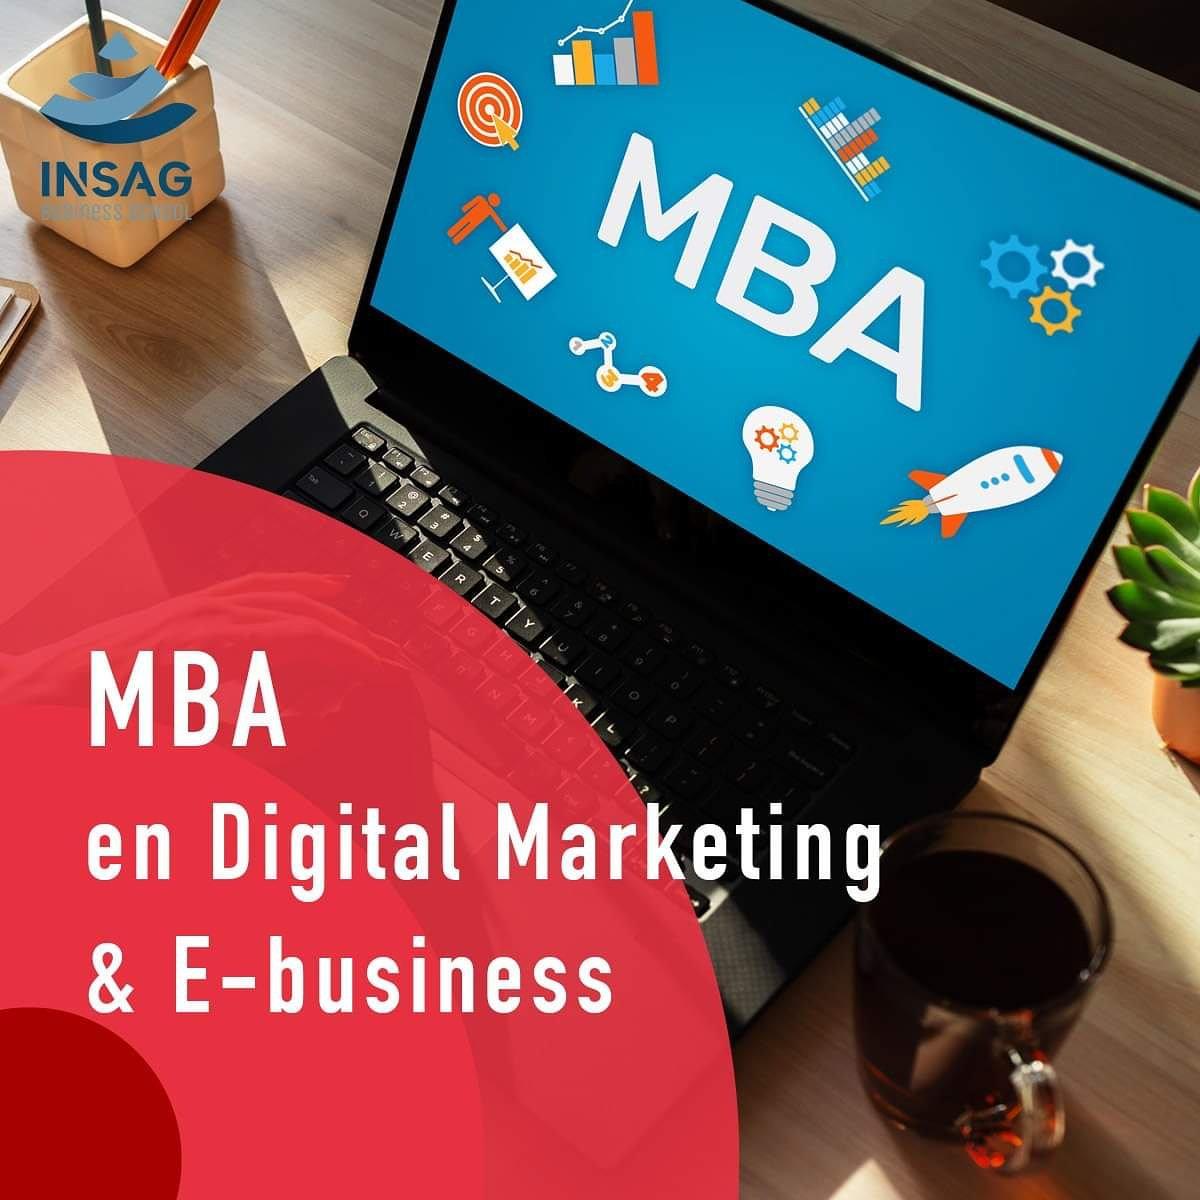 Devenez acteur du numérique ! Rejoignez L'INSAG pour un MBA en Digital Marketing & Business.                                                              Appelez le 023 38 15 48/49 - 0561 609 169 <br>http://pic.twitter.com/oILNSQMkll